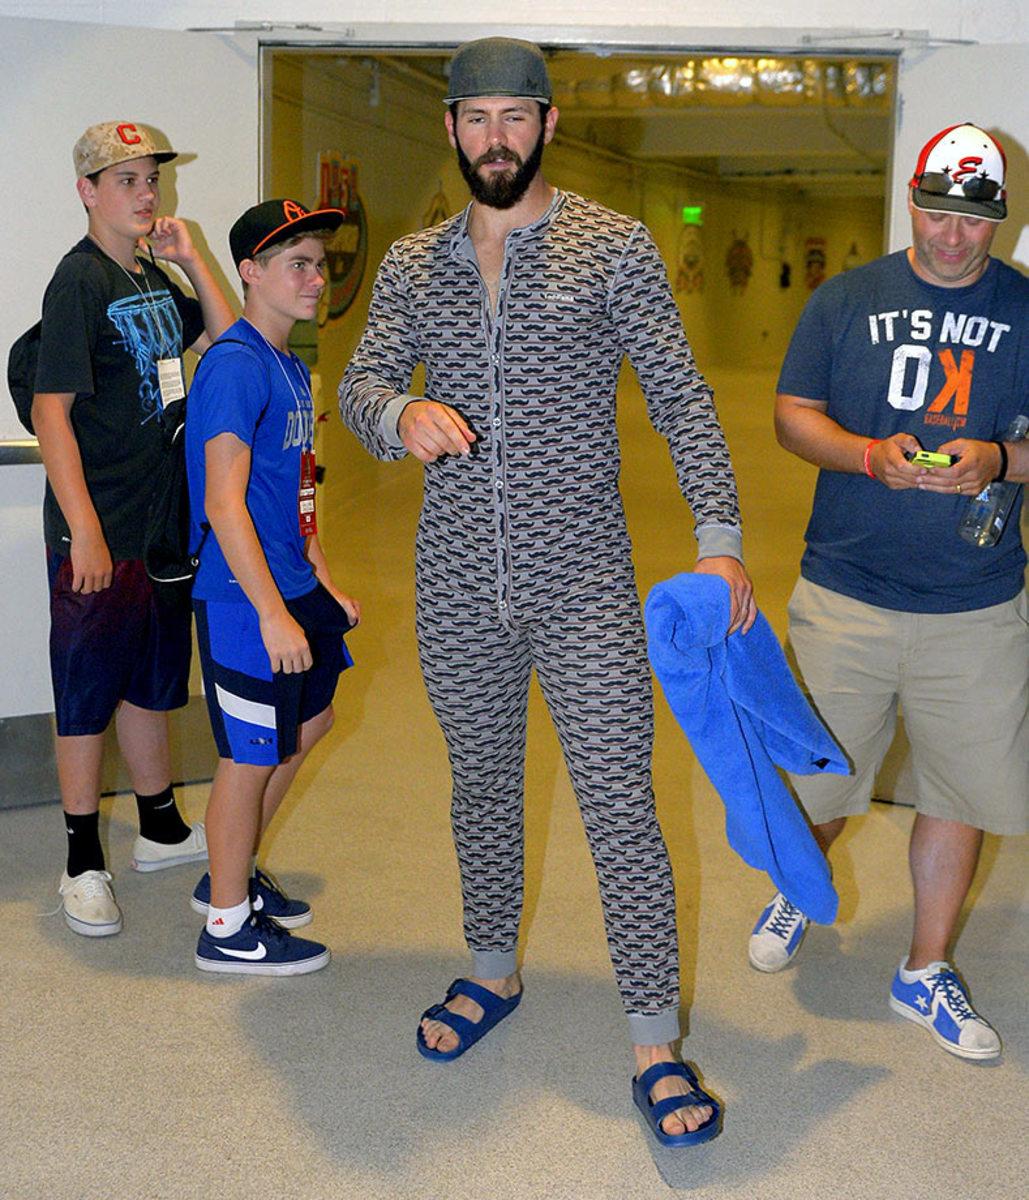 Chicago-Cubs-pajama-party-onesies-Jake-Arrieta.jpg